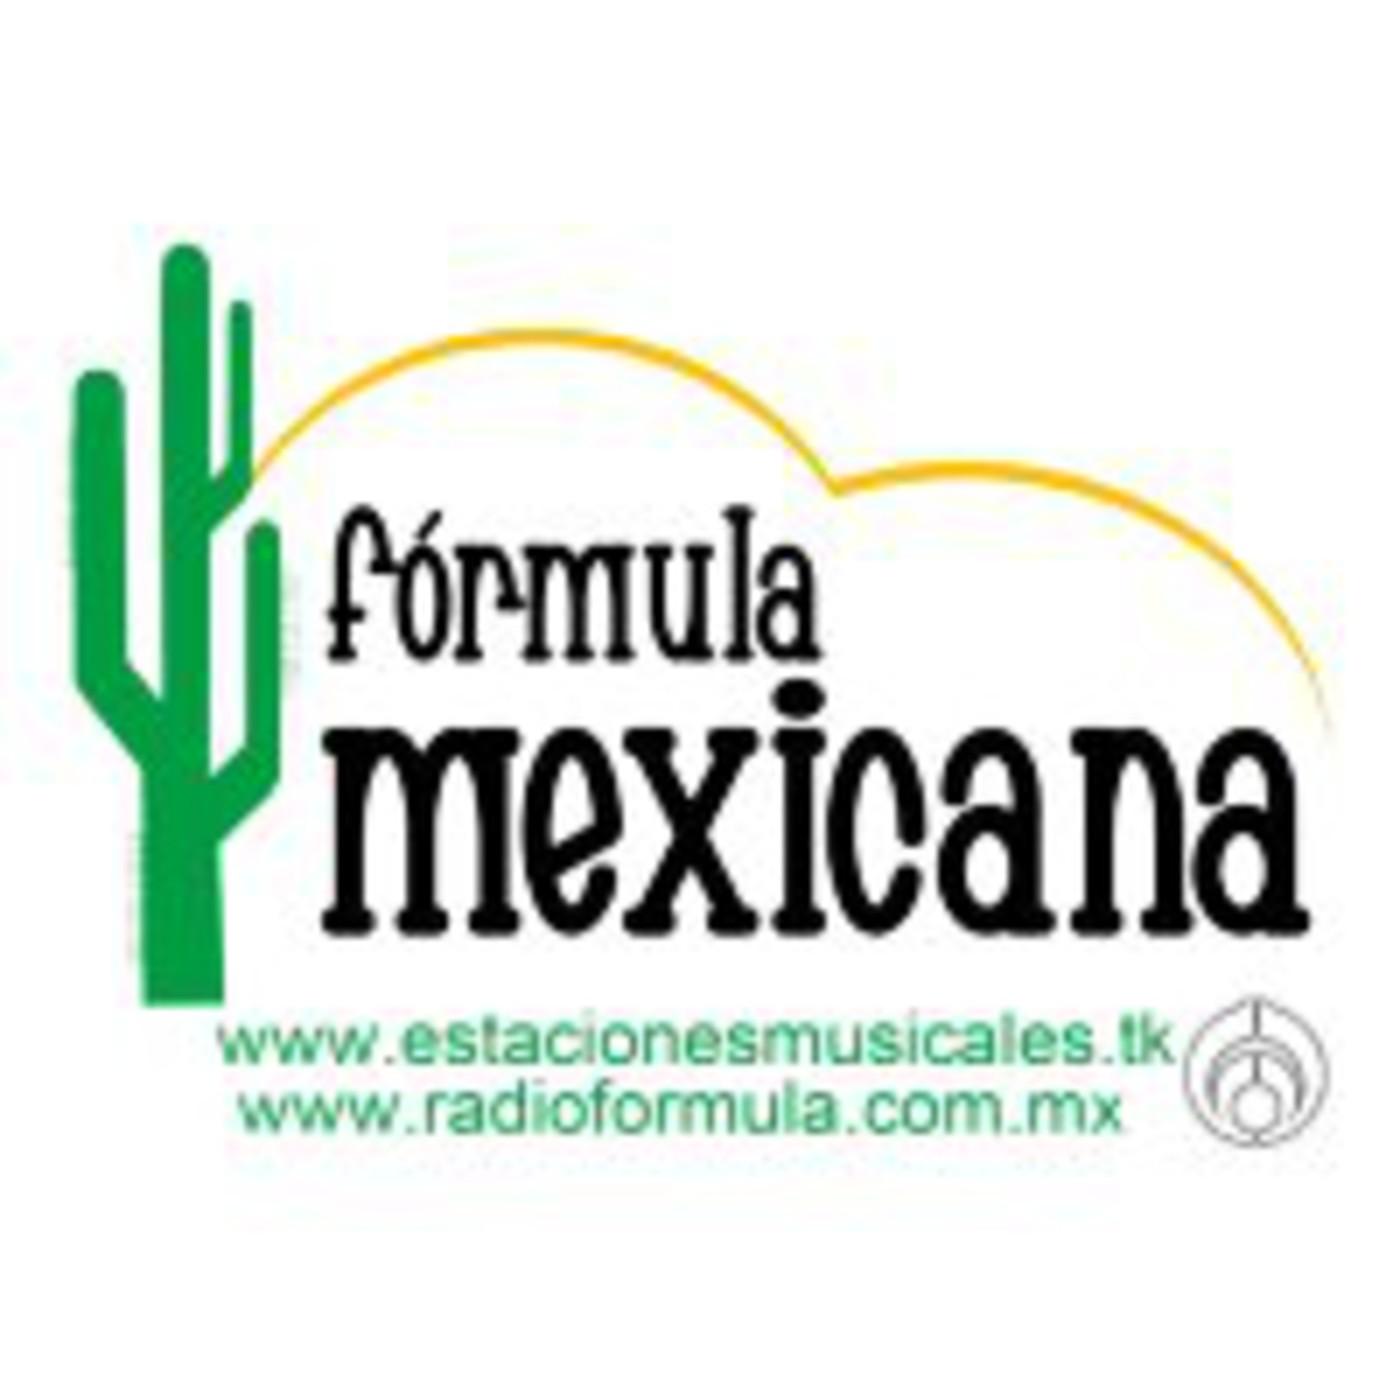 Especiales - Fórmula Mexicana